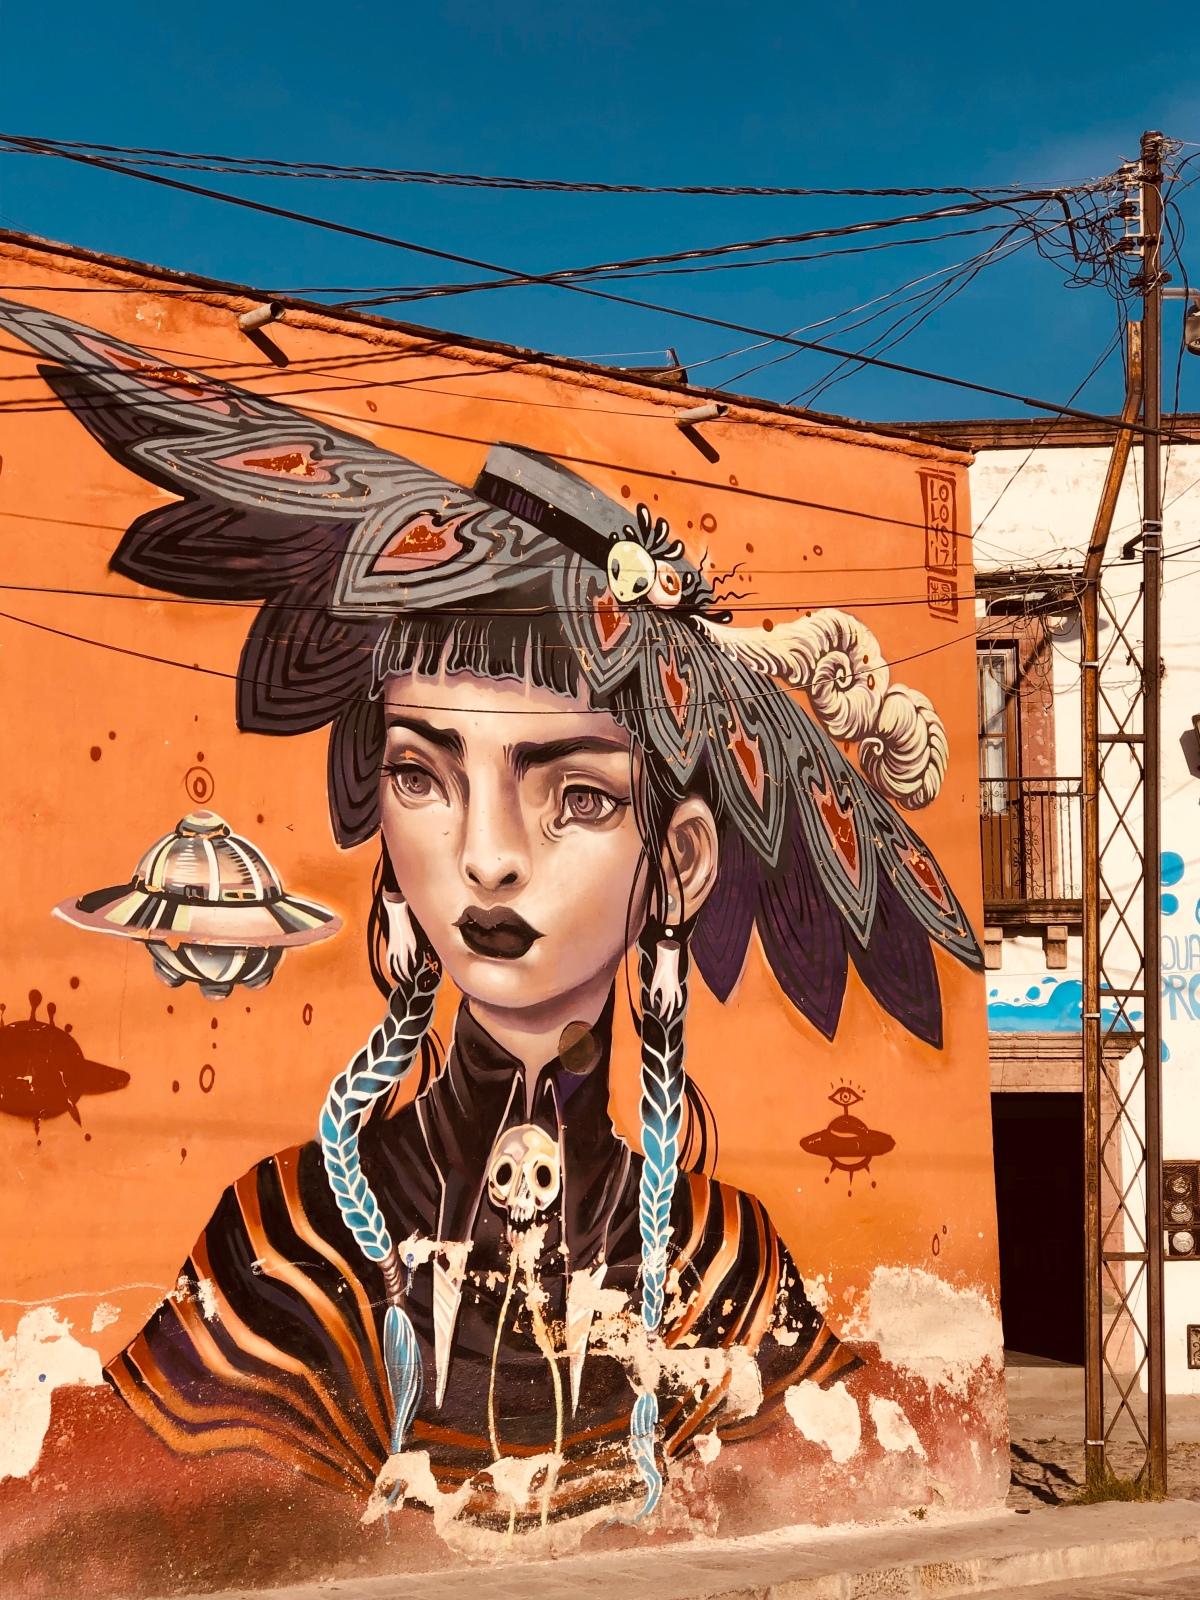 Muros en Blanco (Blank Walls) Project– San Miguel deAllende